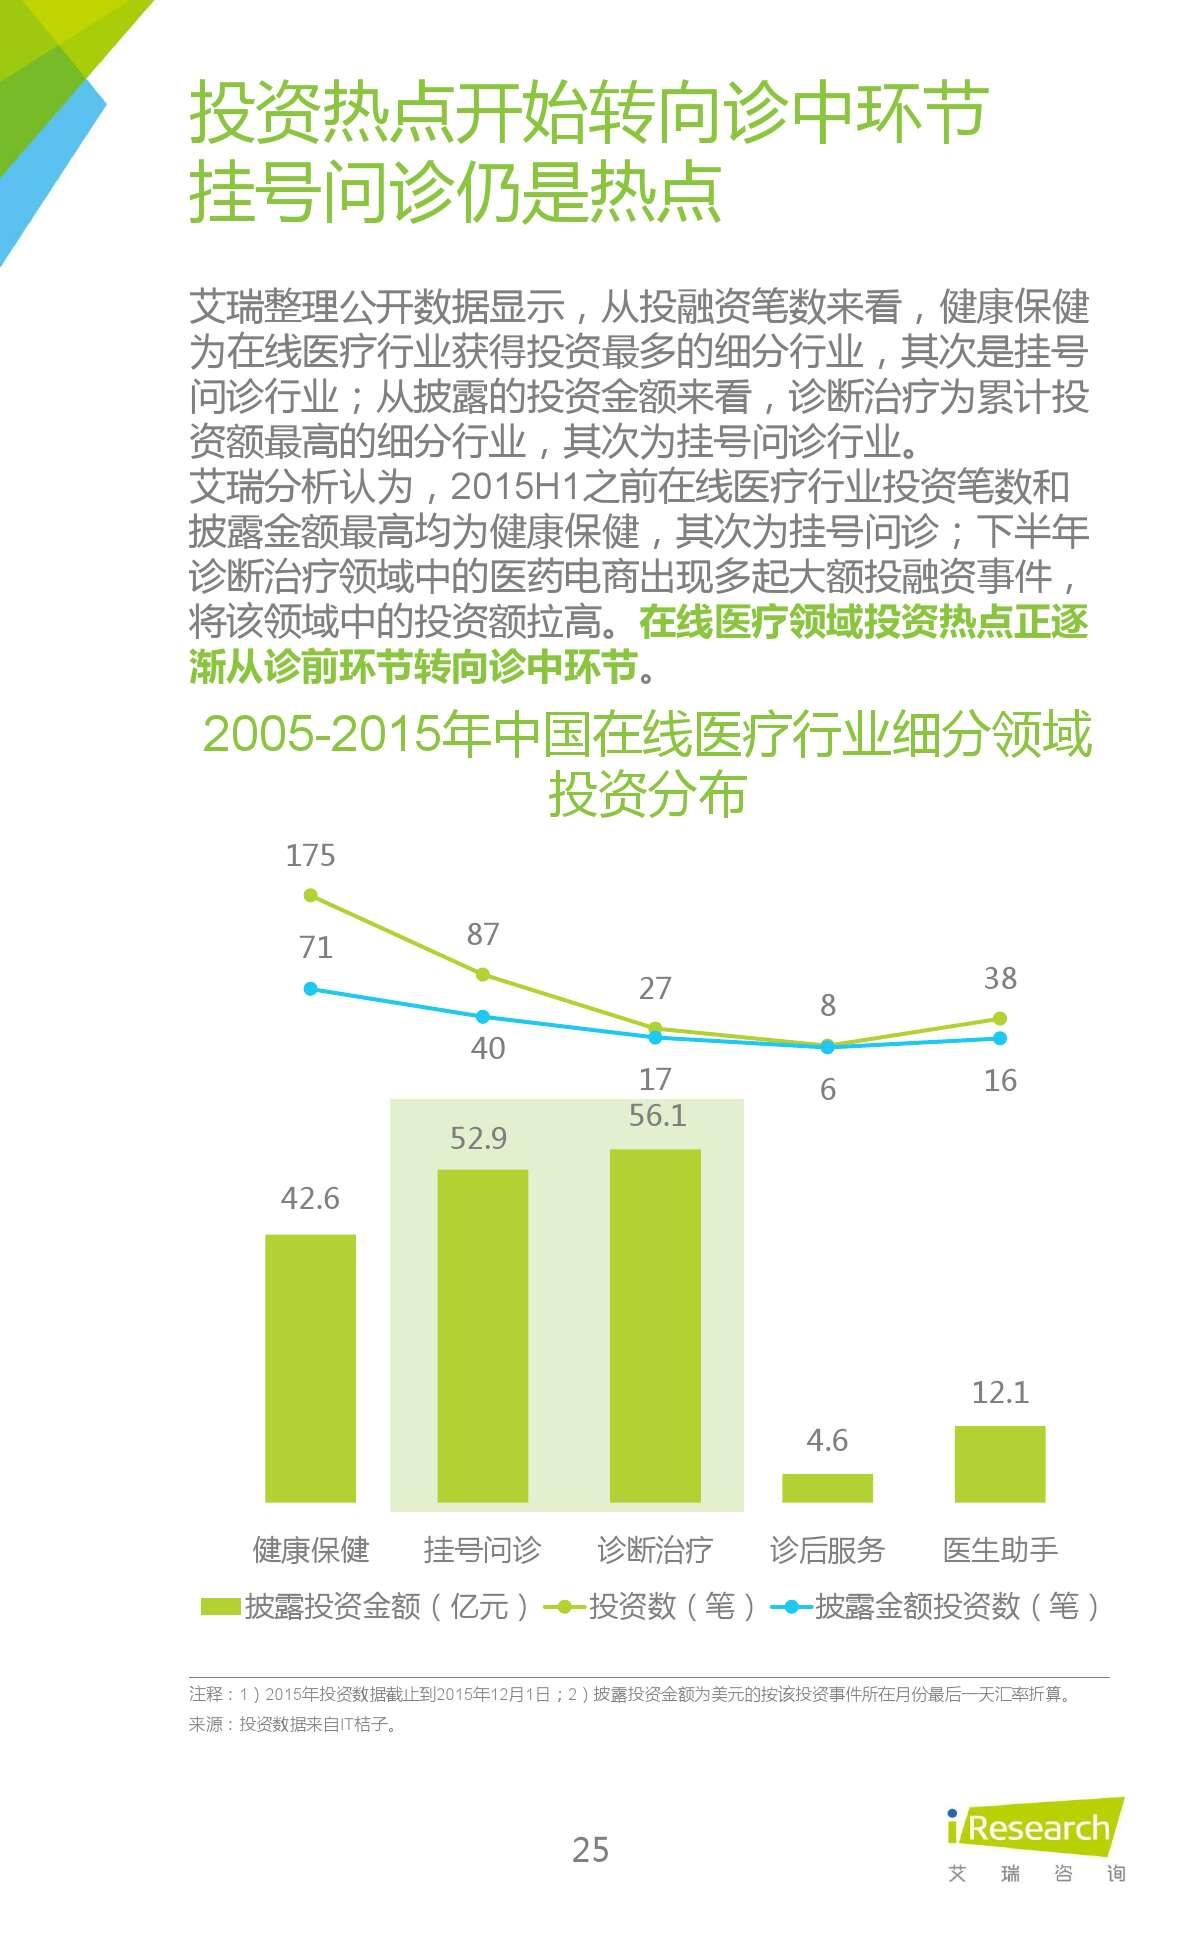 2015年中国在线问诊行业研究报告_000025